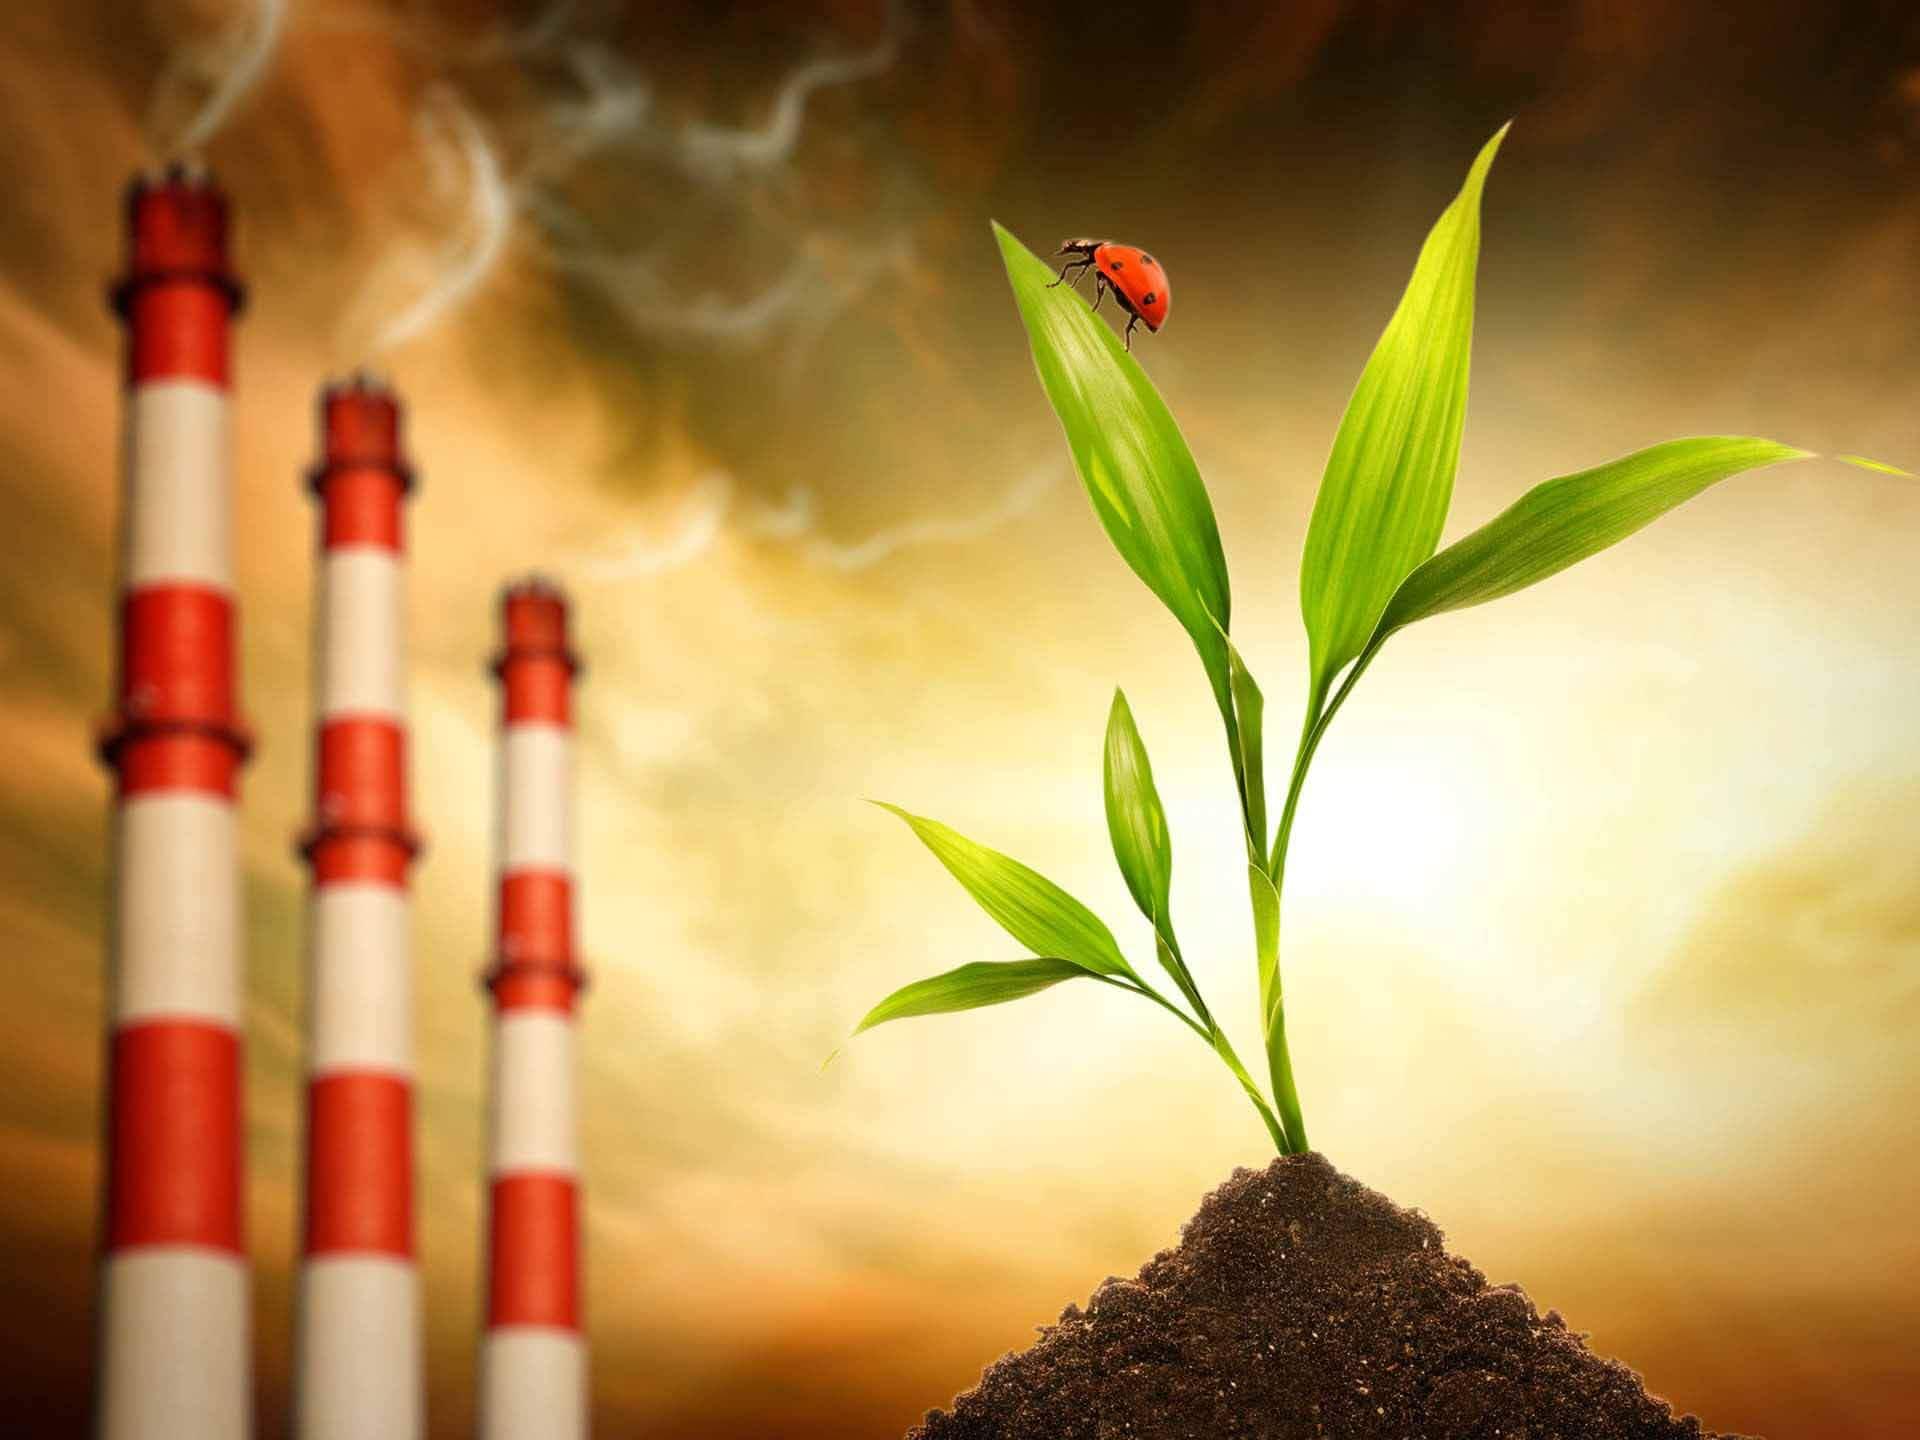 Уничтожение Michelin планирует минимизировать выбросы CO2 на своих объектах